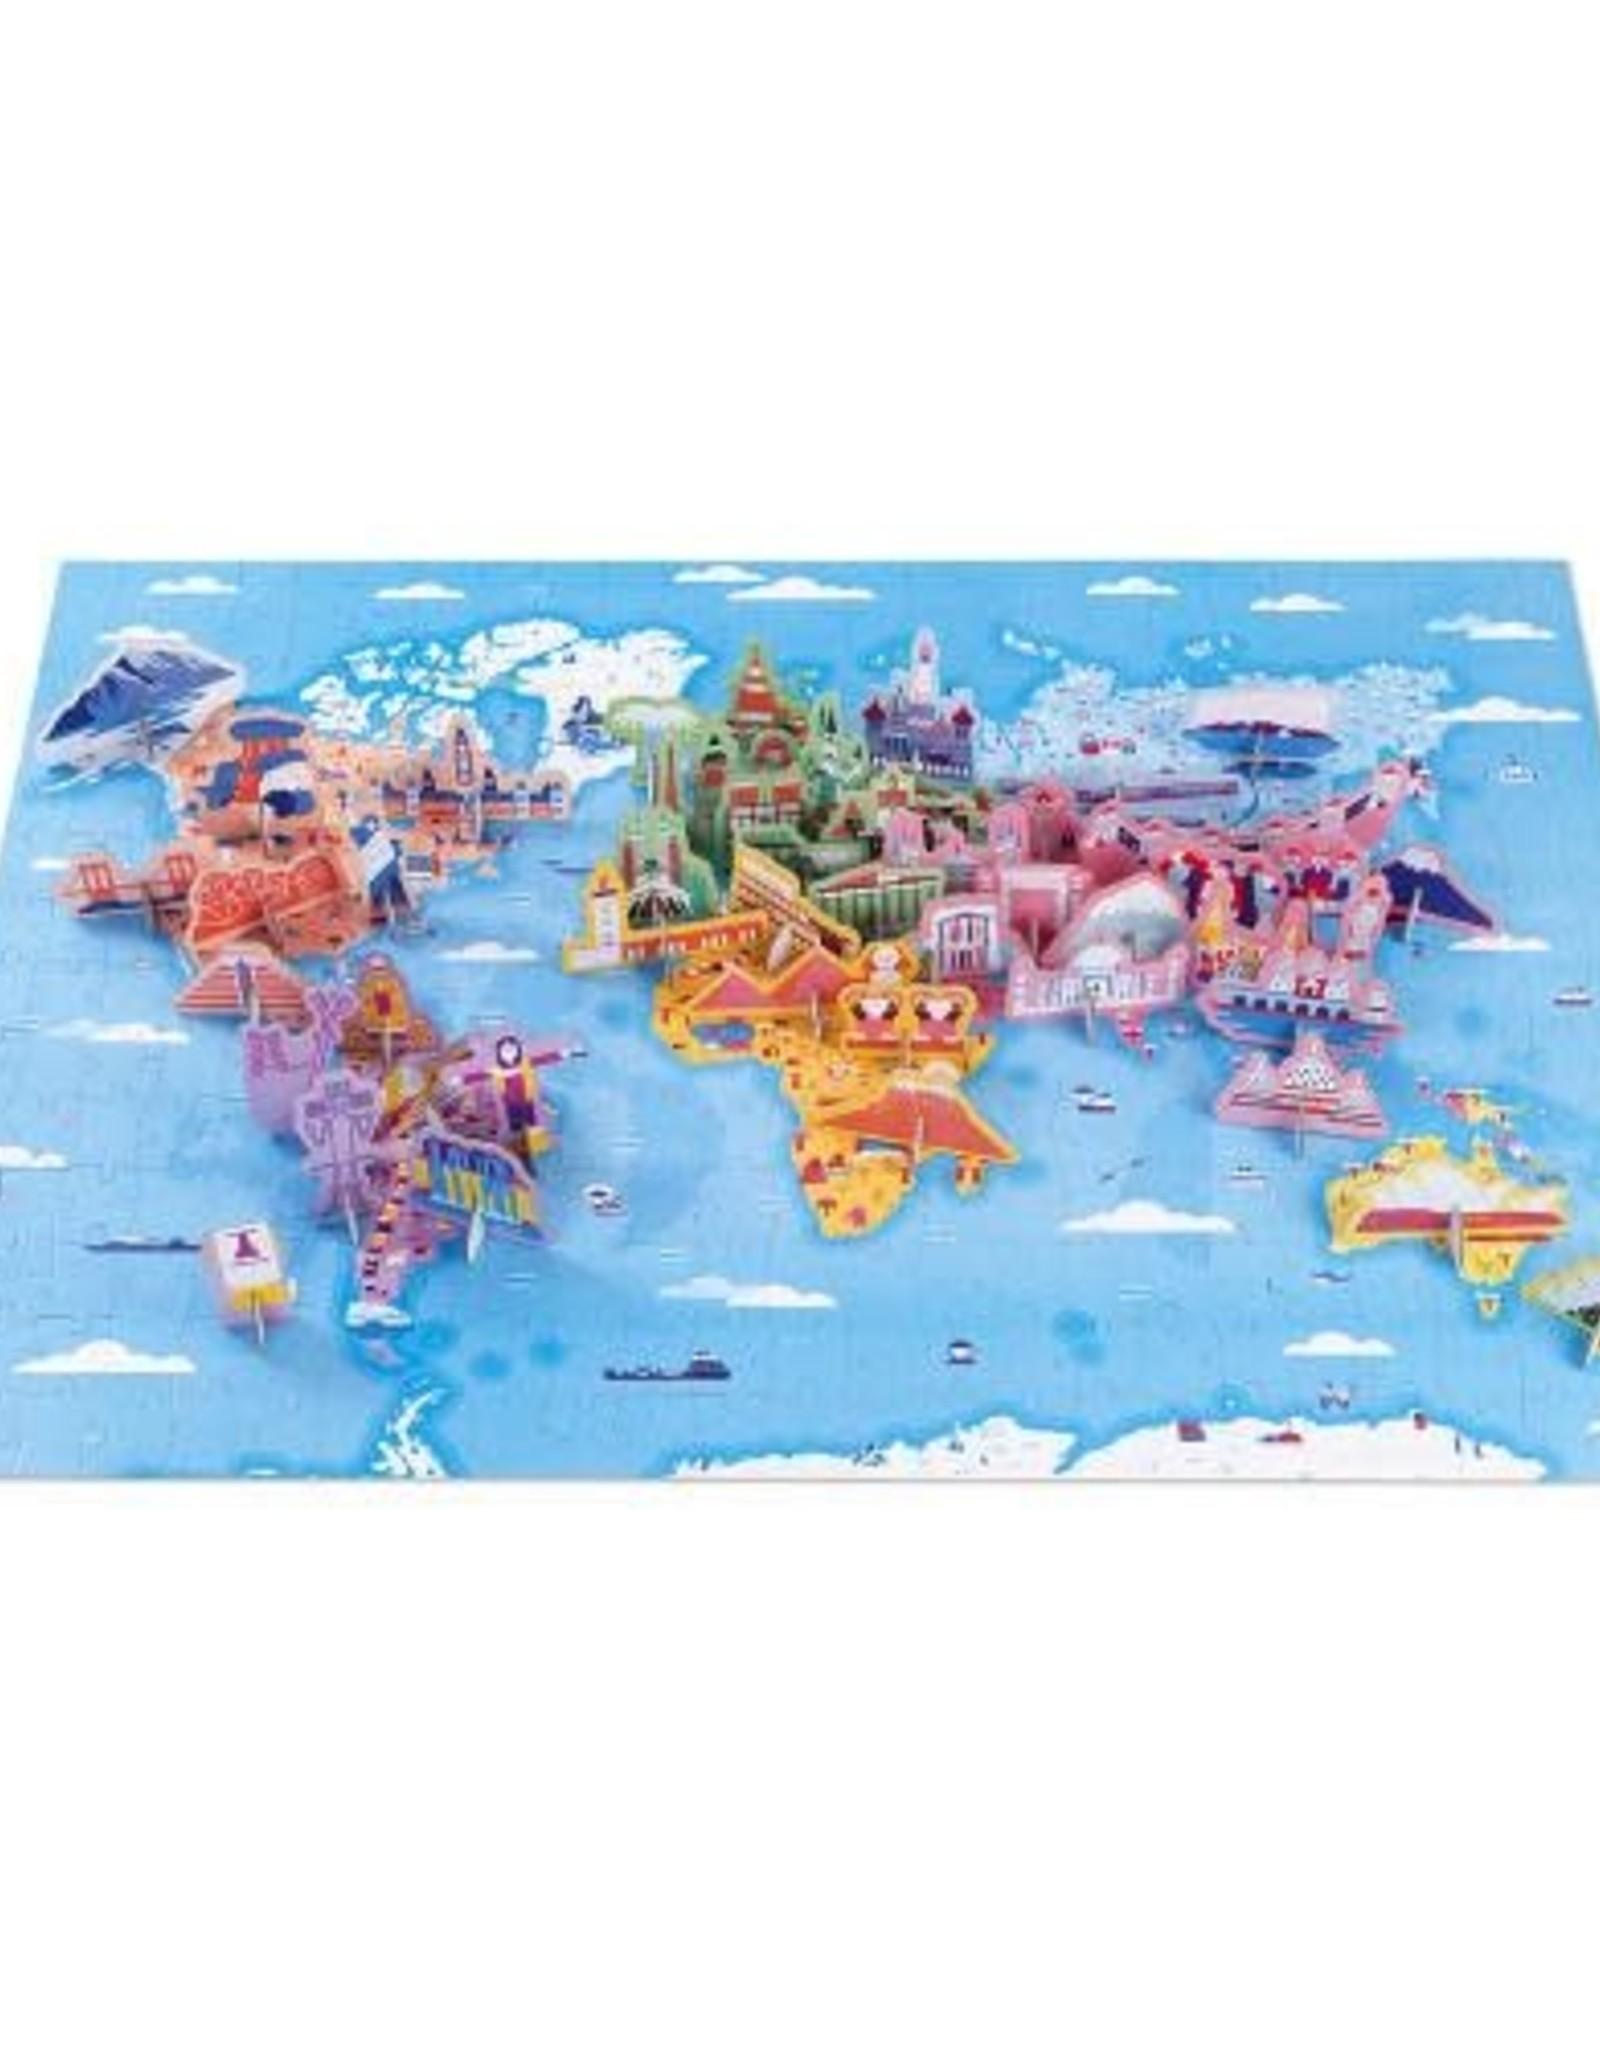 Janod Janod 3D Educational Puzzle: World Curiosities 350pcs